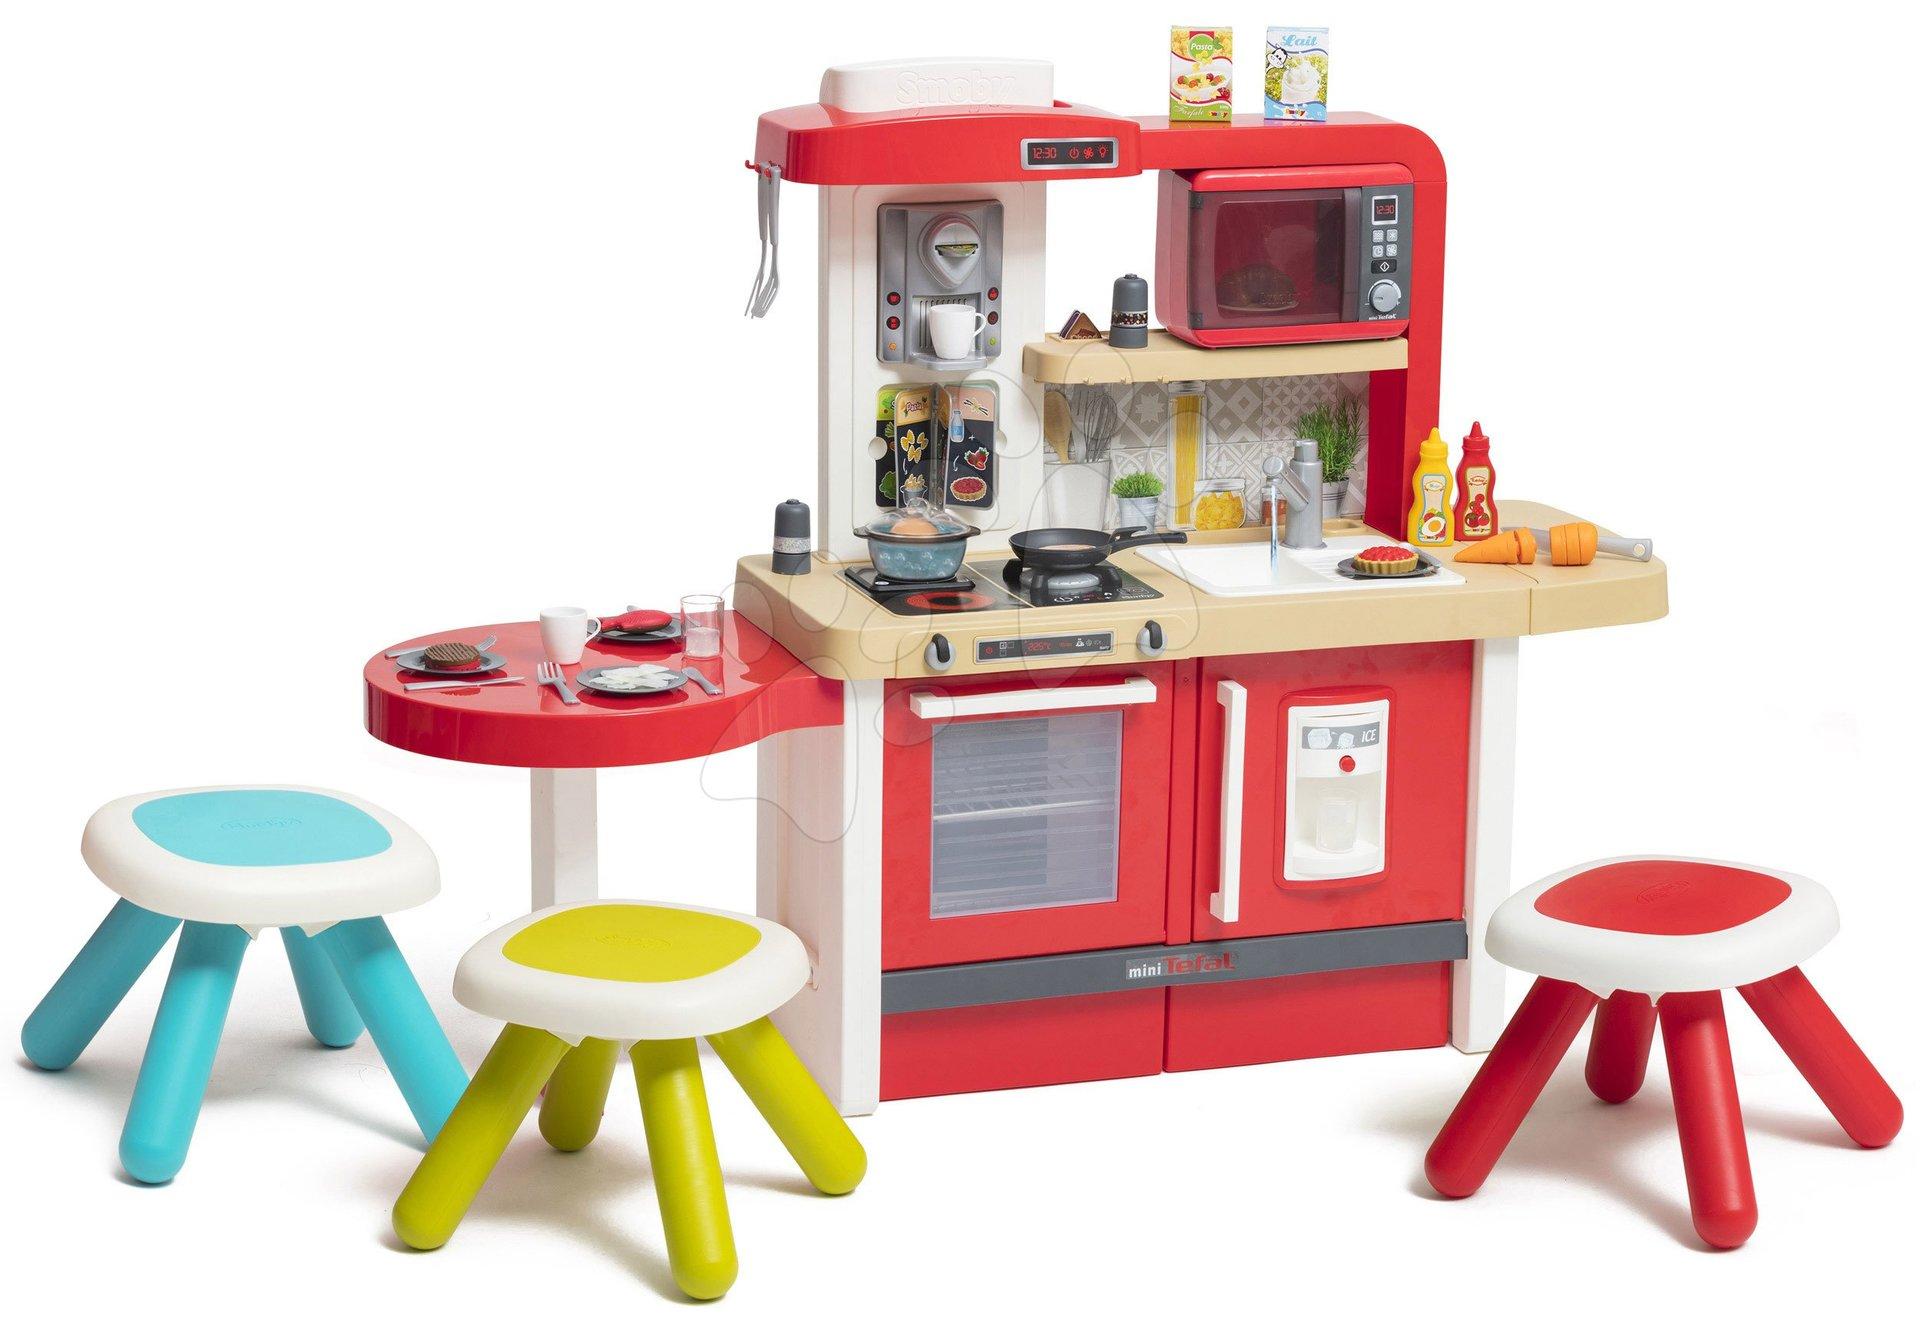 Elektronické kuchynky - Kuchynka rastúca s tečúcou vodou Tefal Evolutive Gourment Smoby s mikrovlnkou a stolčekmi